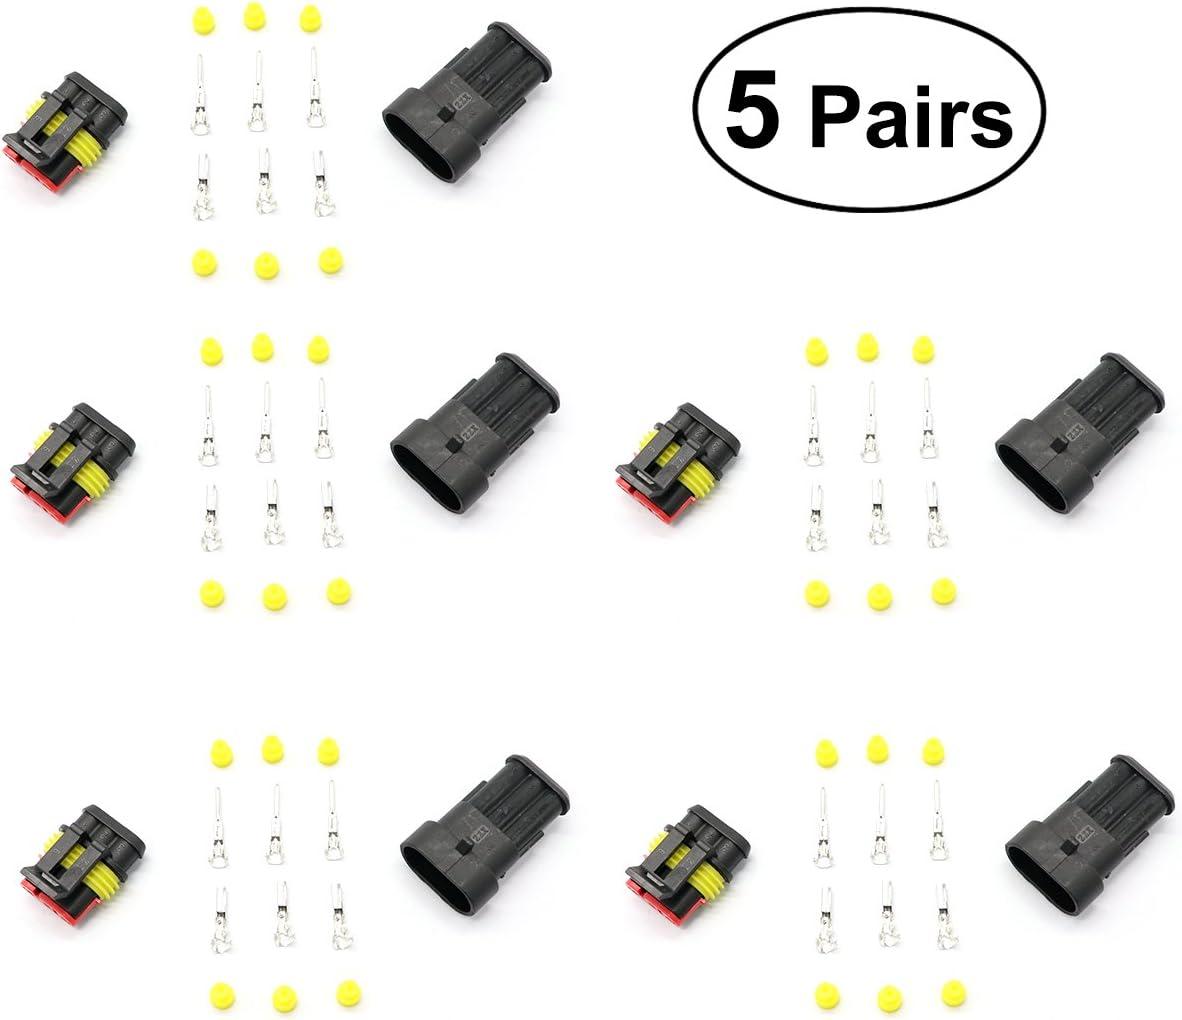 VORCOOL Impermeable Cable Enchufe El/éctrico del Conector El/éctrico de la Prenda del Coche 5 Pares de 3 Pines